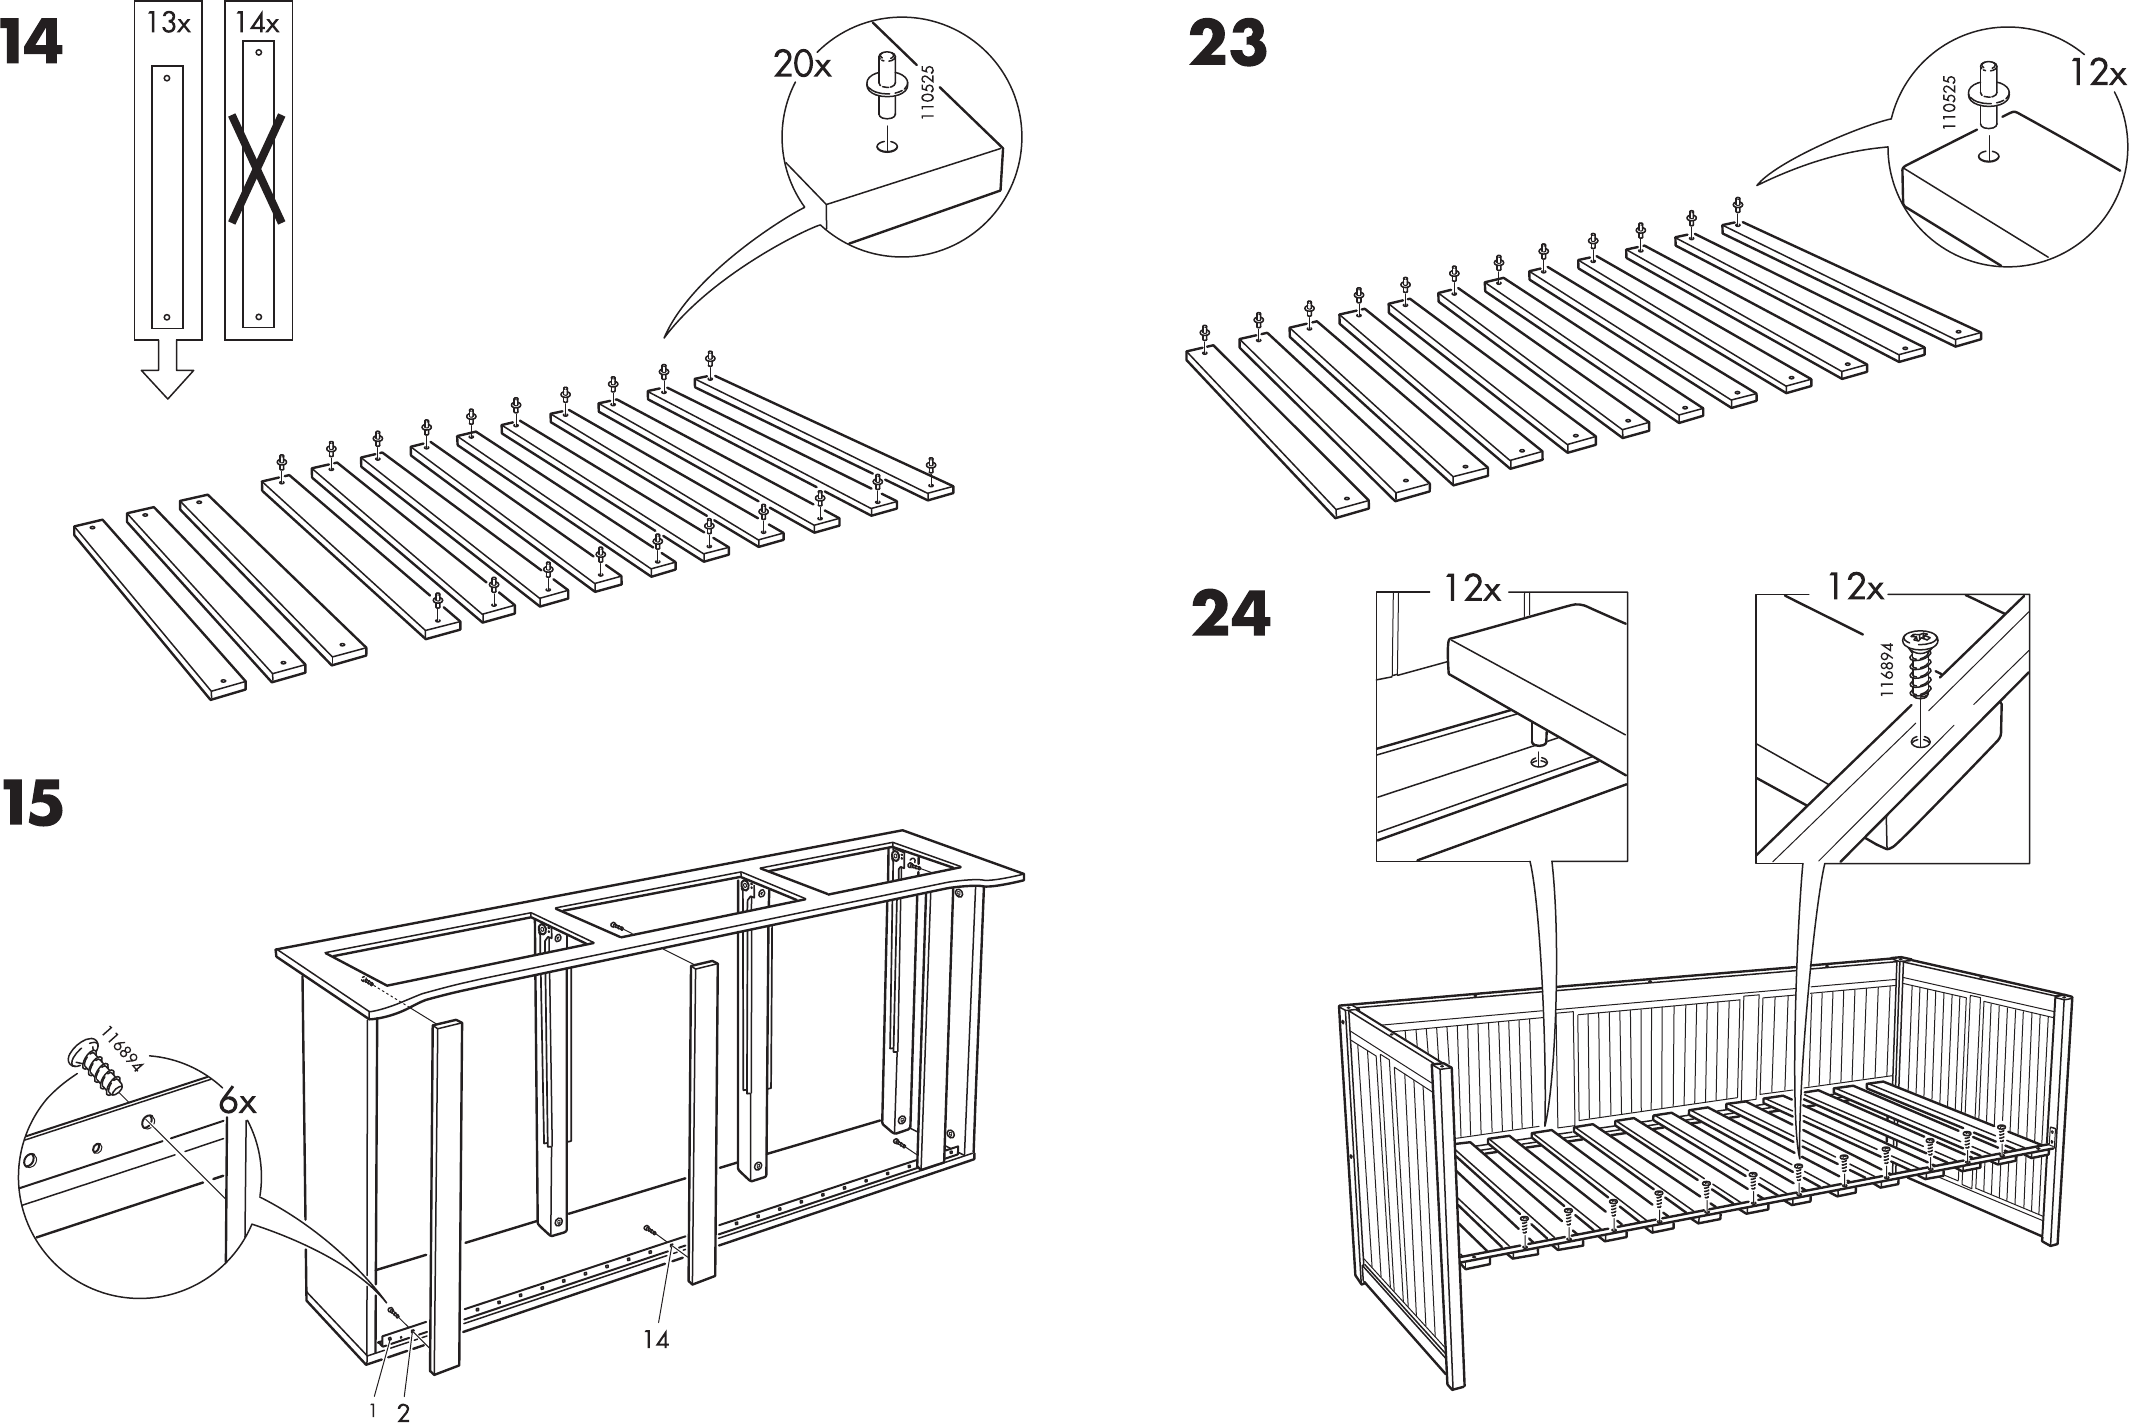 Ikea Hemnes Bedbank.Handleiding Ikea Hemnes Bedbank Pagina 11 Van 12 Dansk Deutsch